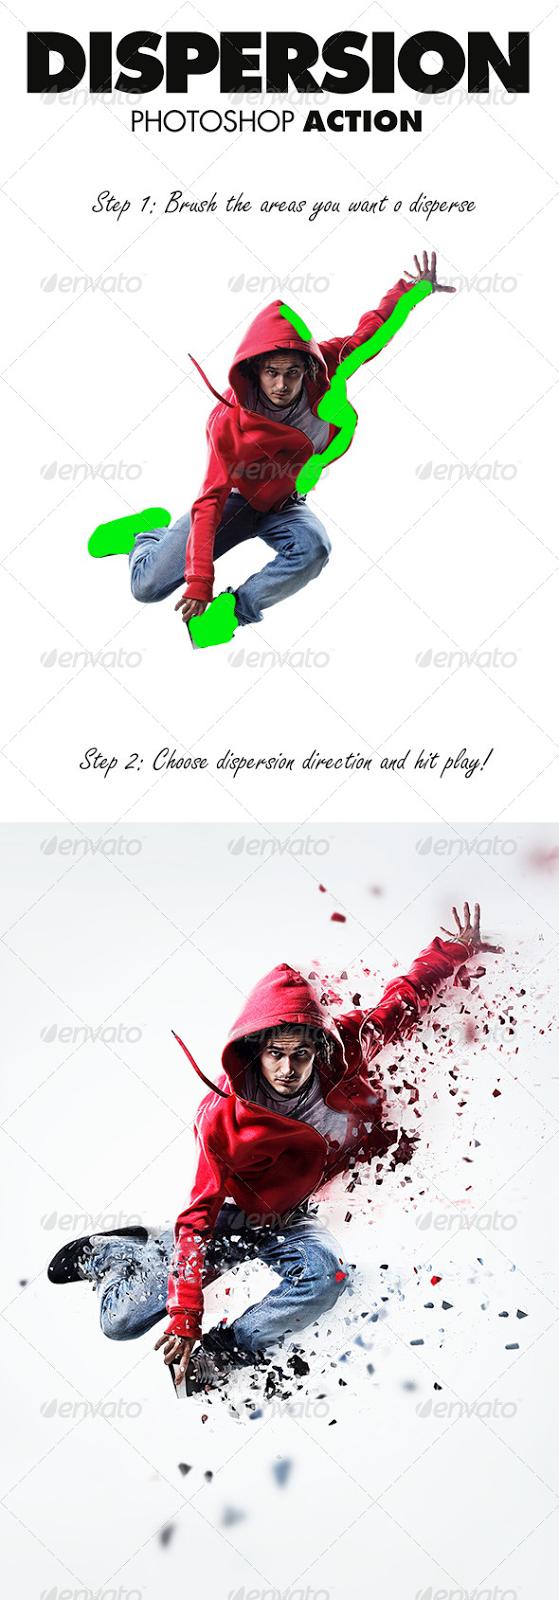 Dispersion-Photoshop-a*ction1